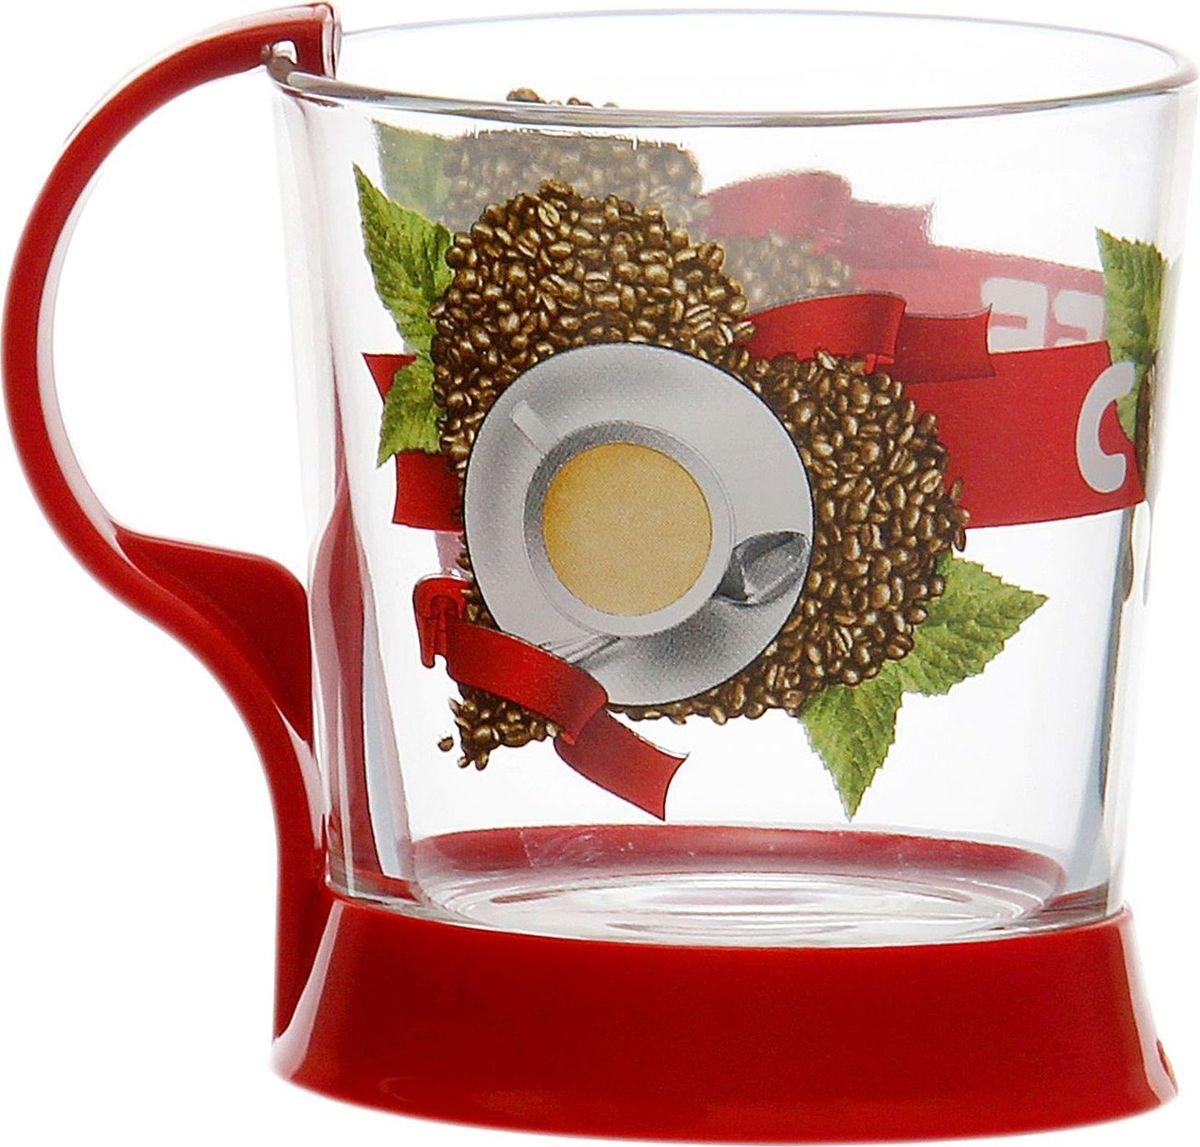 """Кружка Декостек """"Сoffee Hear"""" изготовленная из качественного стекла, оснащена удобной ручкой и оформлена ярким рисунком.   От качества посуды зависит не только вкус еды, но и здоровье человека. Кружка соответствует российским стандартам качества. Любой хозяйке будет приятно держать её в руках. С такой посудой сервировка стола превратится в настоящий праздник. Объем: 250 мл."""